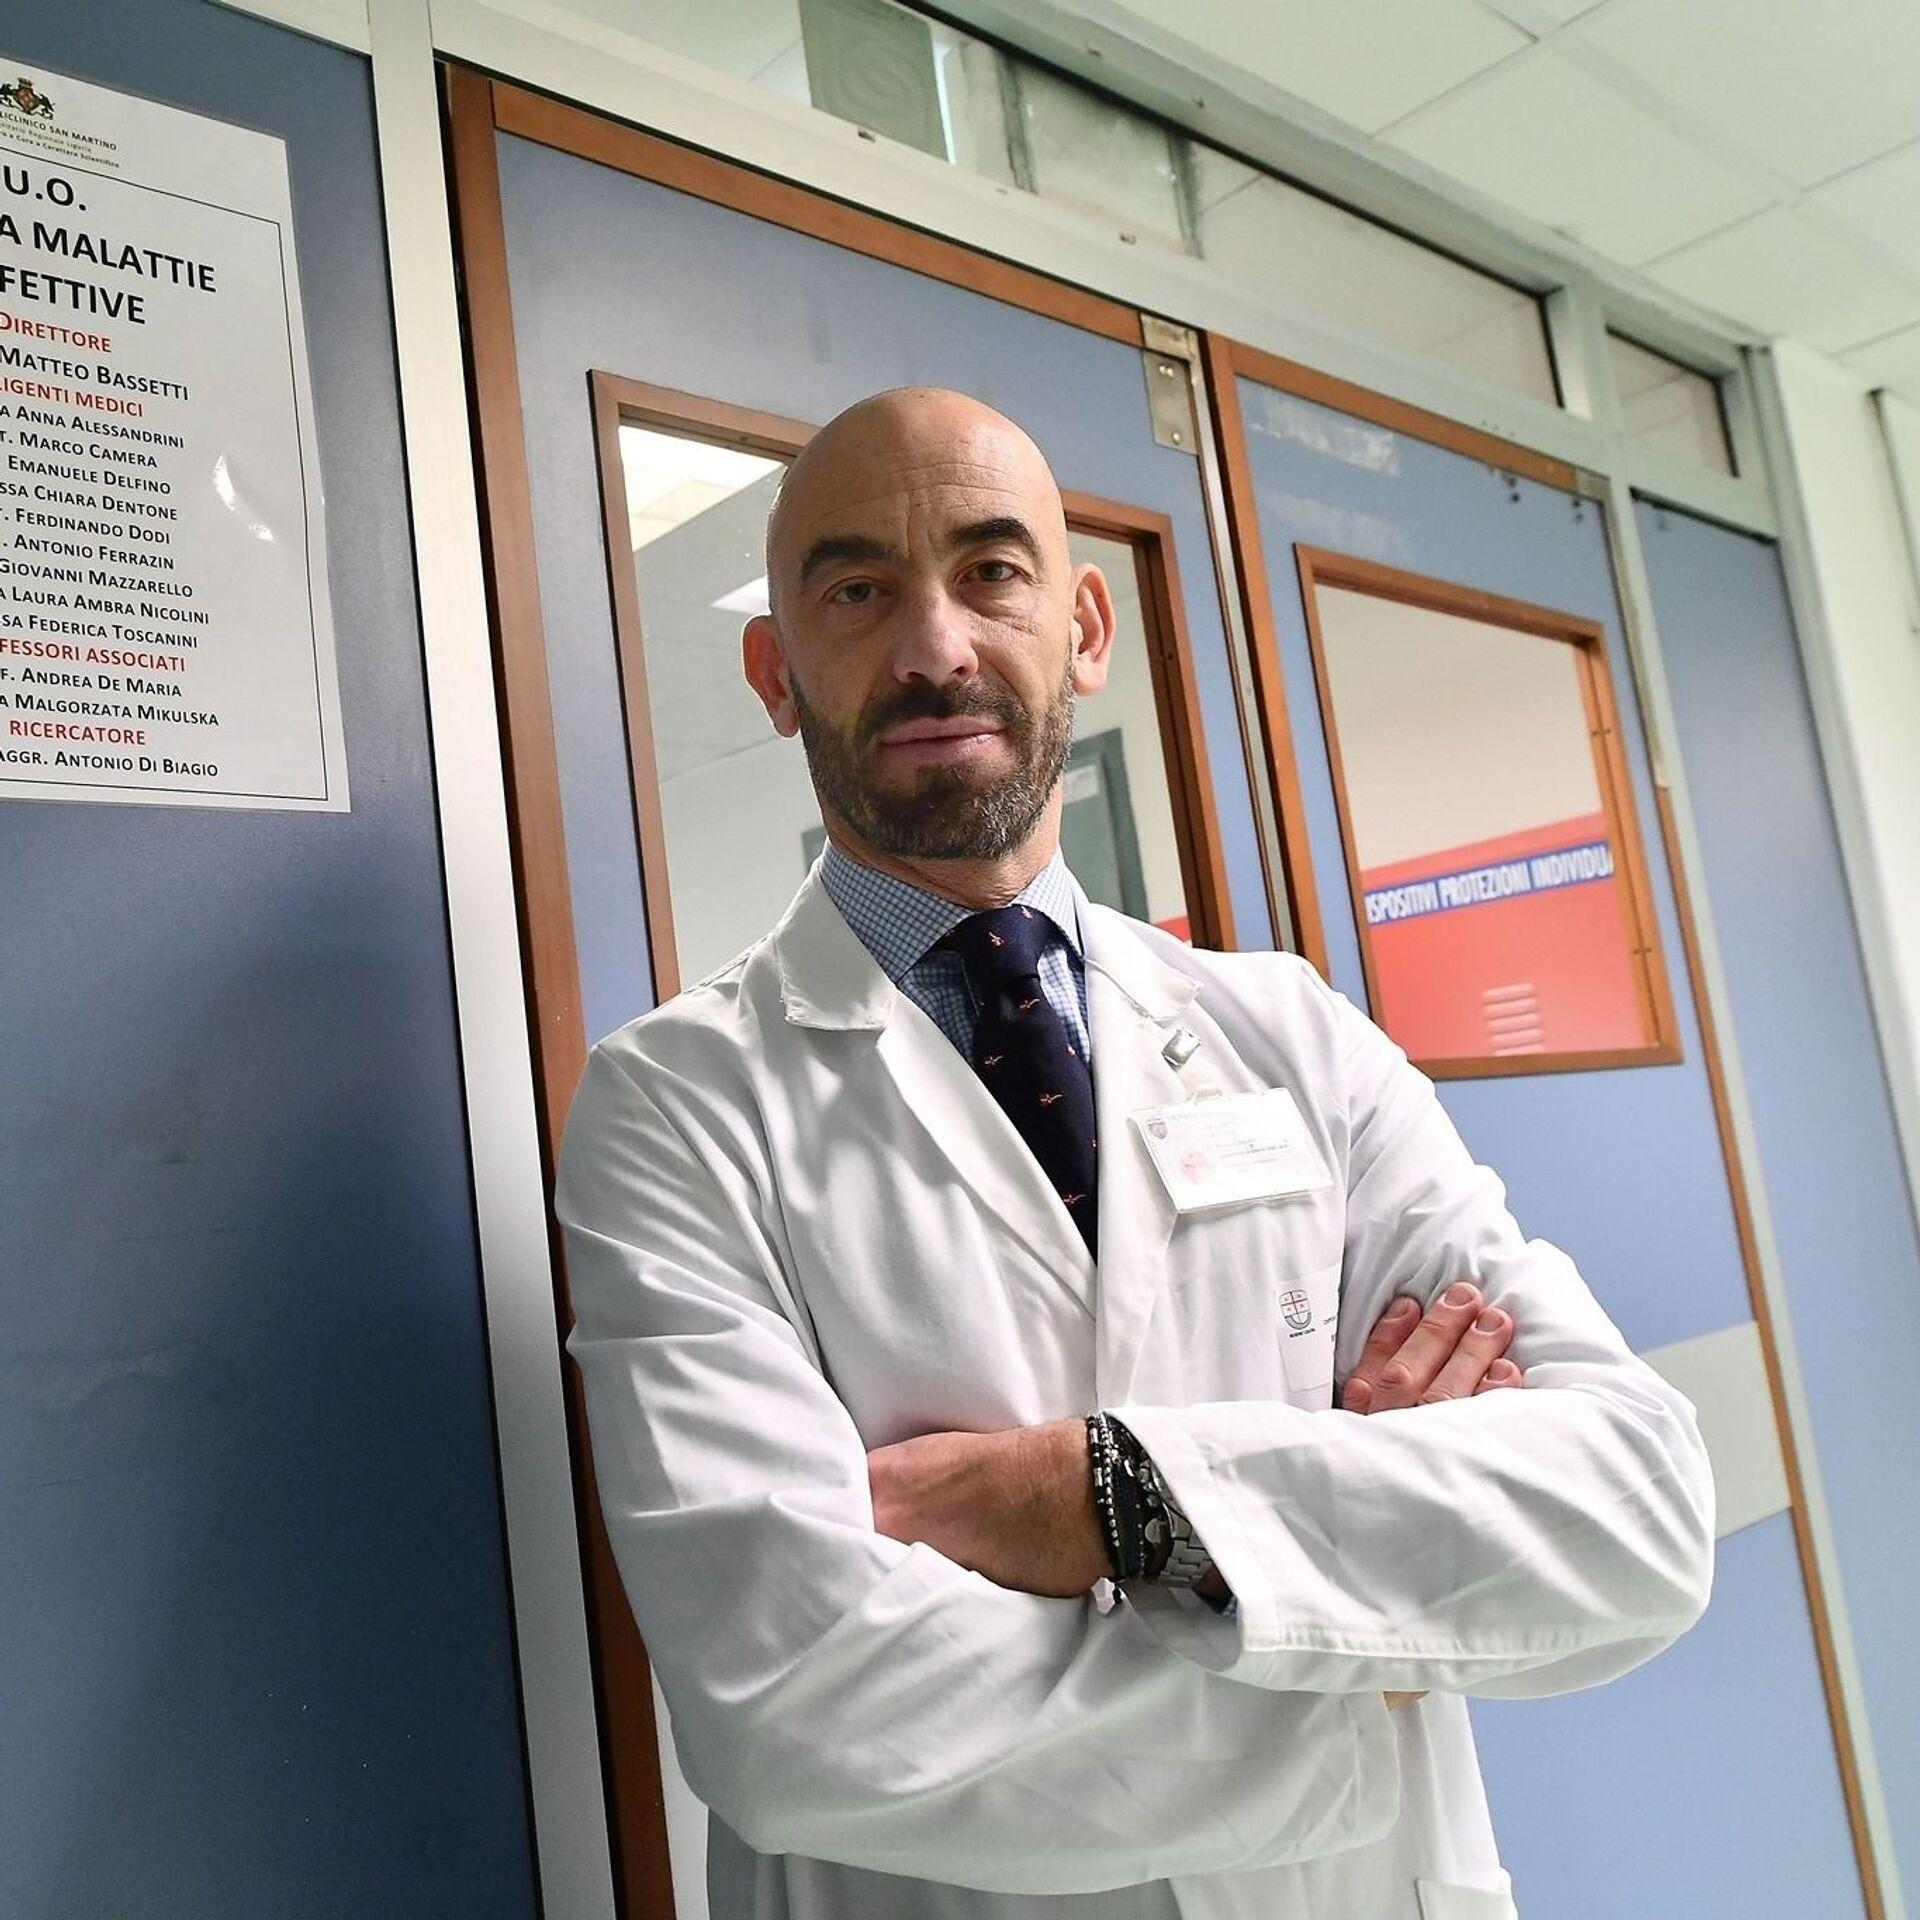 Matteo Bassetti, infettivologo, primario dell'ospedale San Martino di Genova - Sputnik Italia, 1920, 18.05.2021